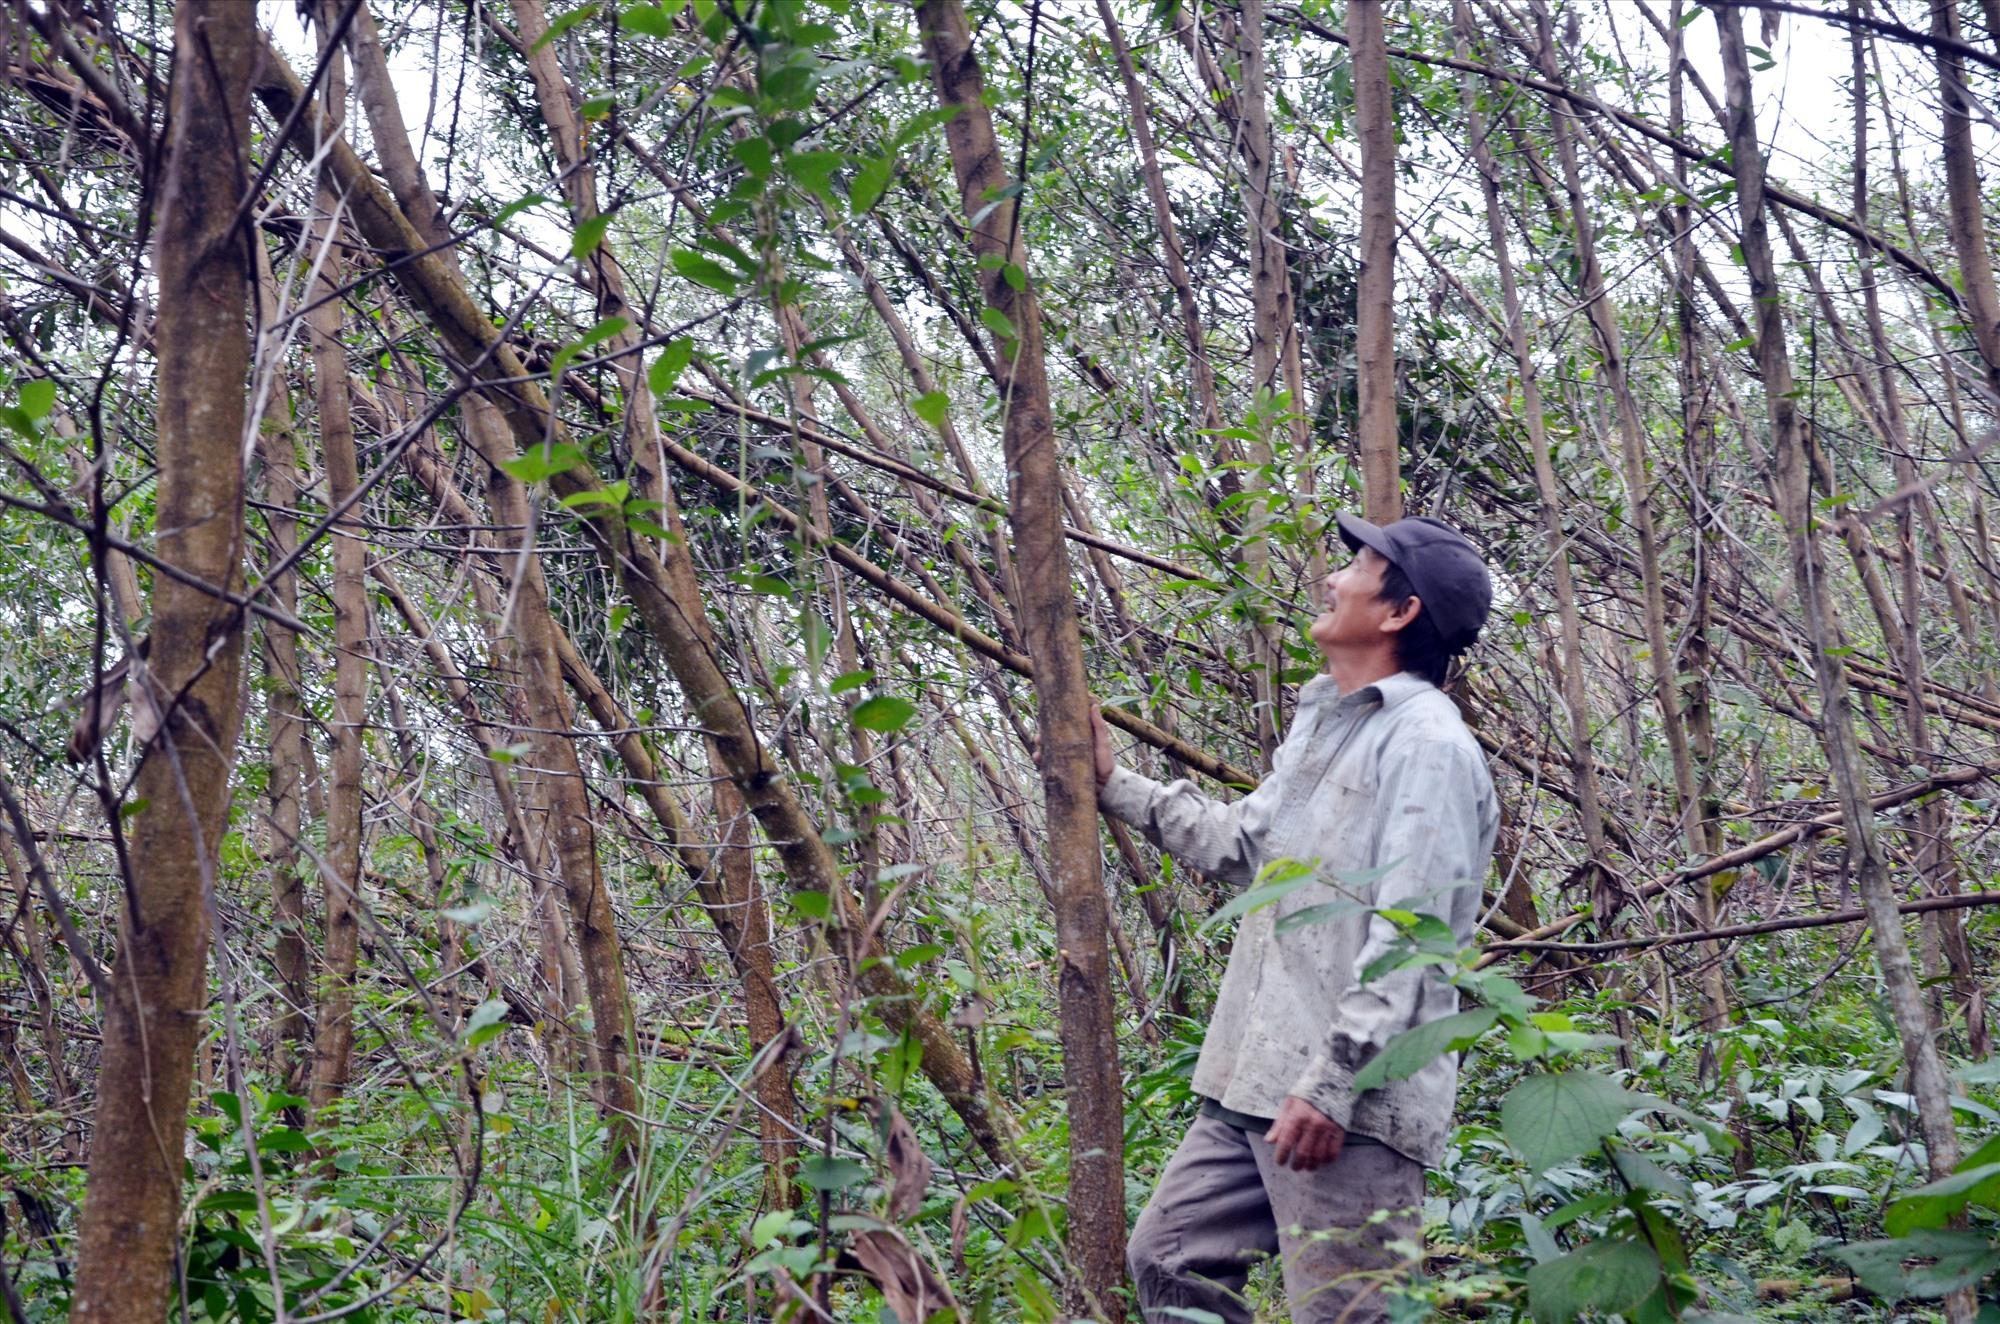 Cây ngã đỗ do cơn bão số 9 năm 2020 là một trong những nguyên nhân gây cháy rừng. Ảnh: H.P